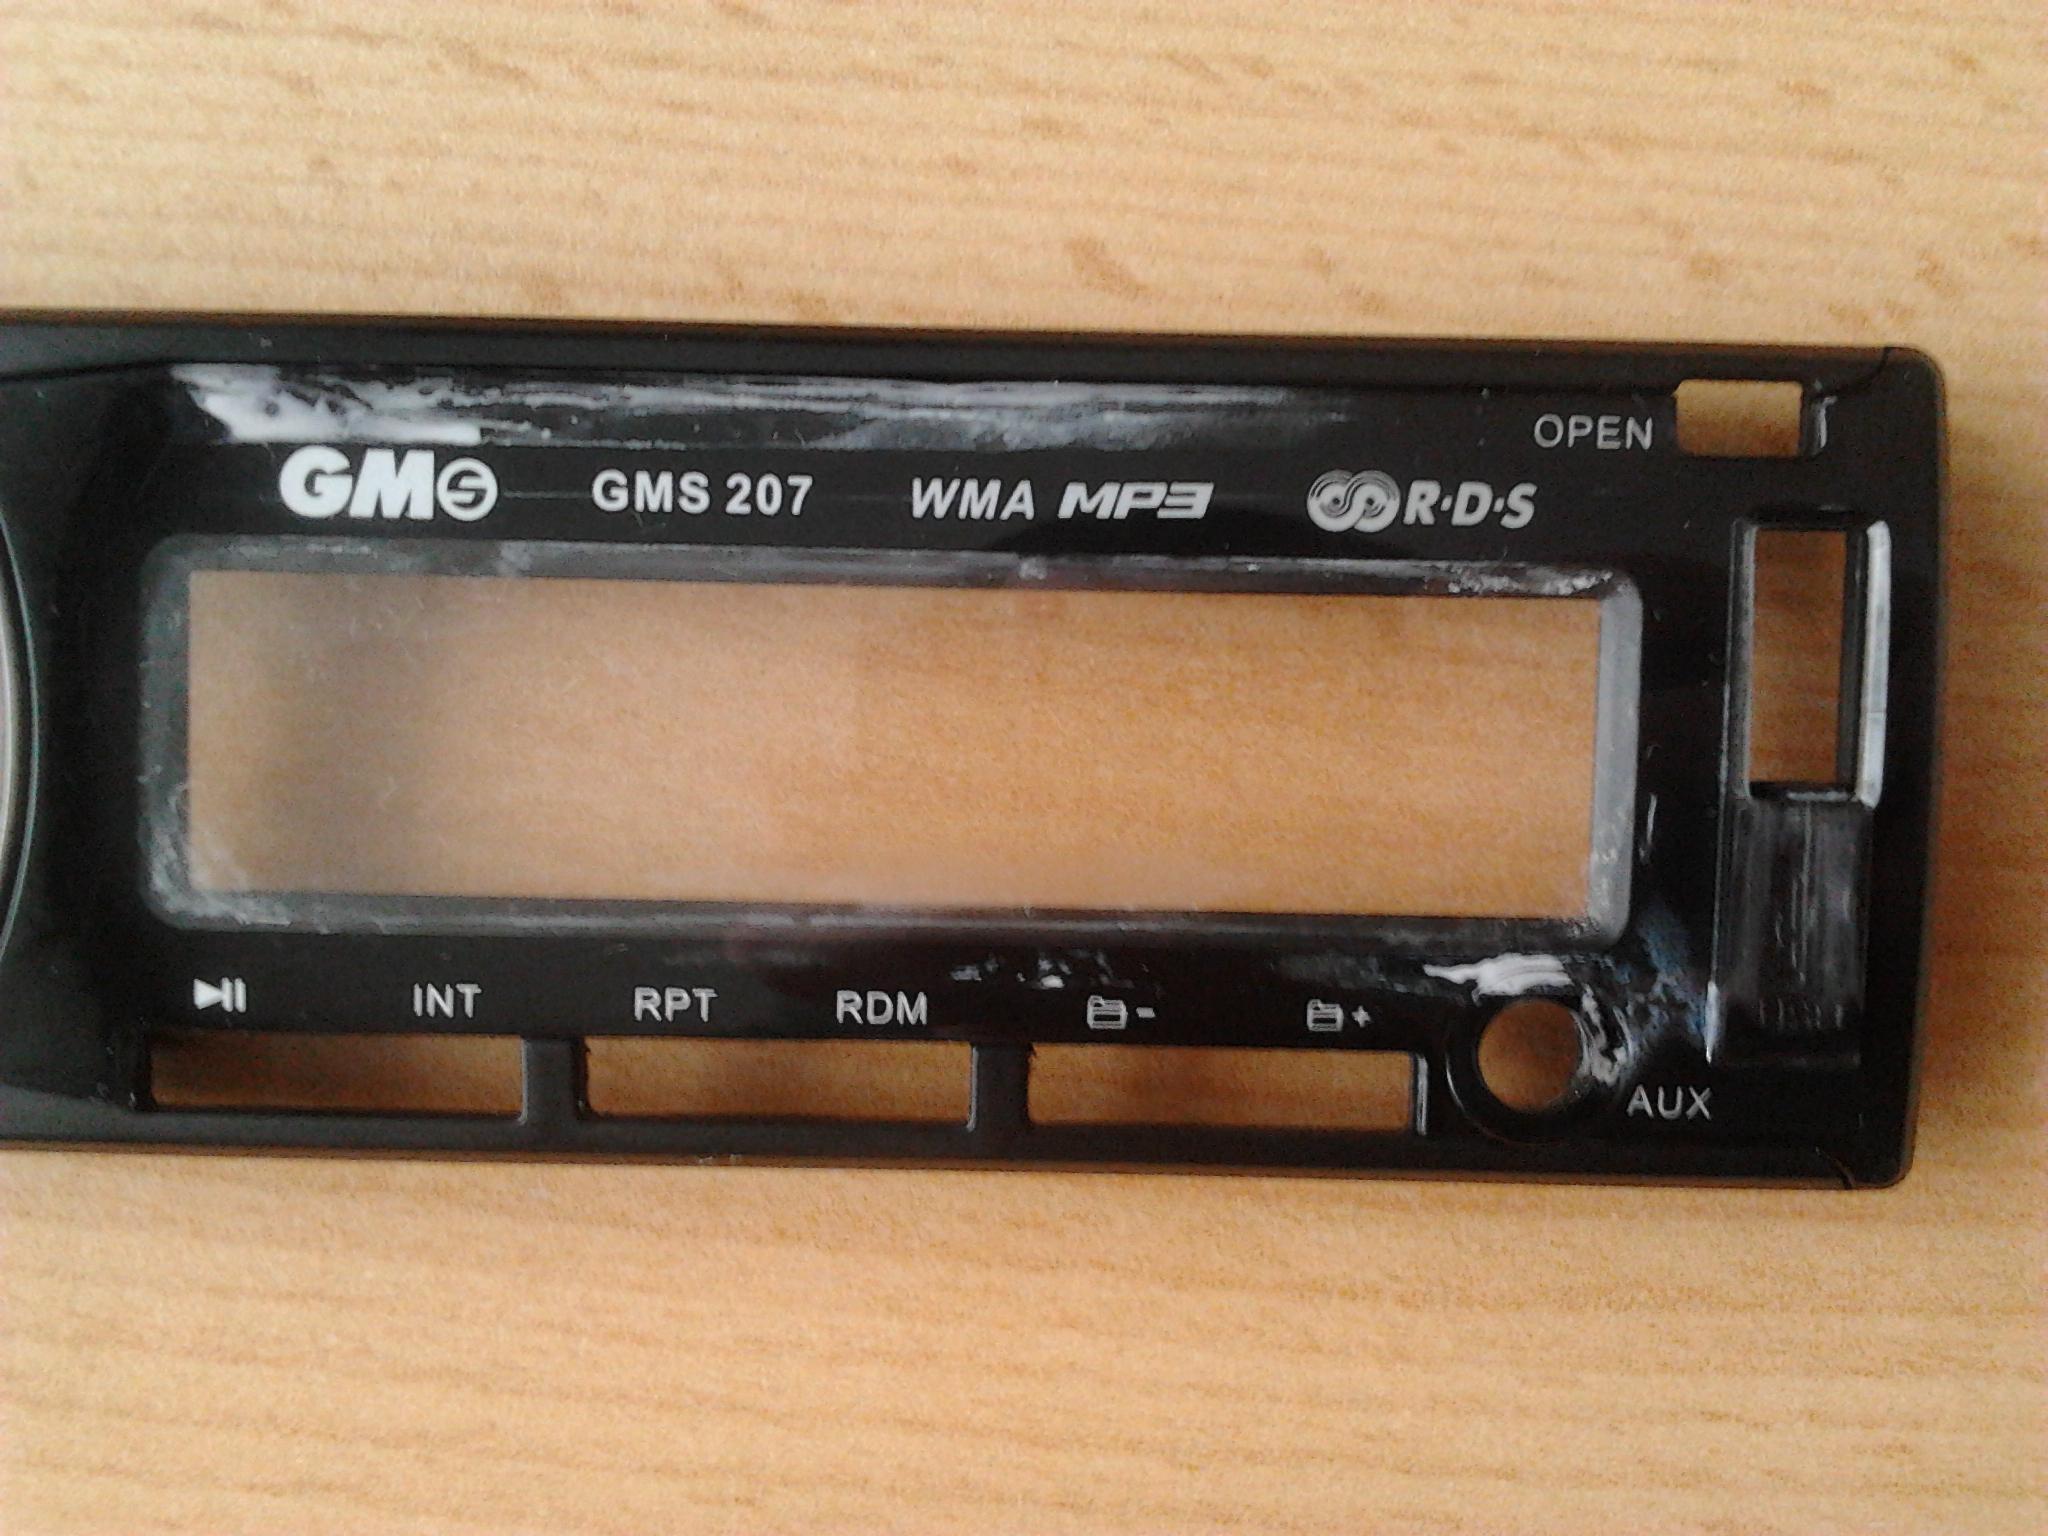 Zabrudzona od wewn�trz plastikowa obudowa panelu przedniego radia